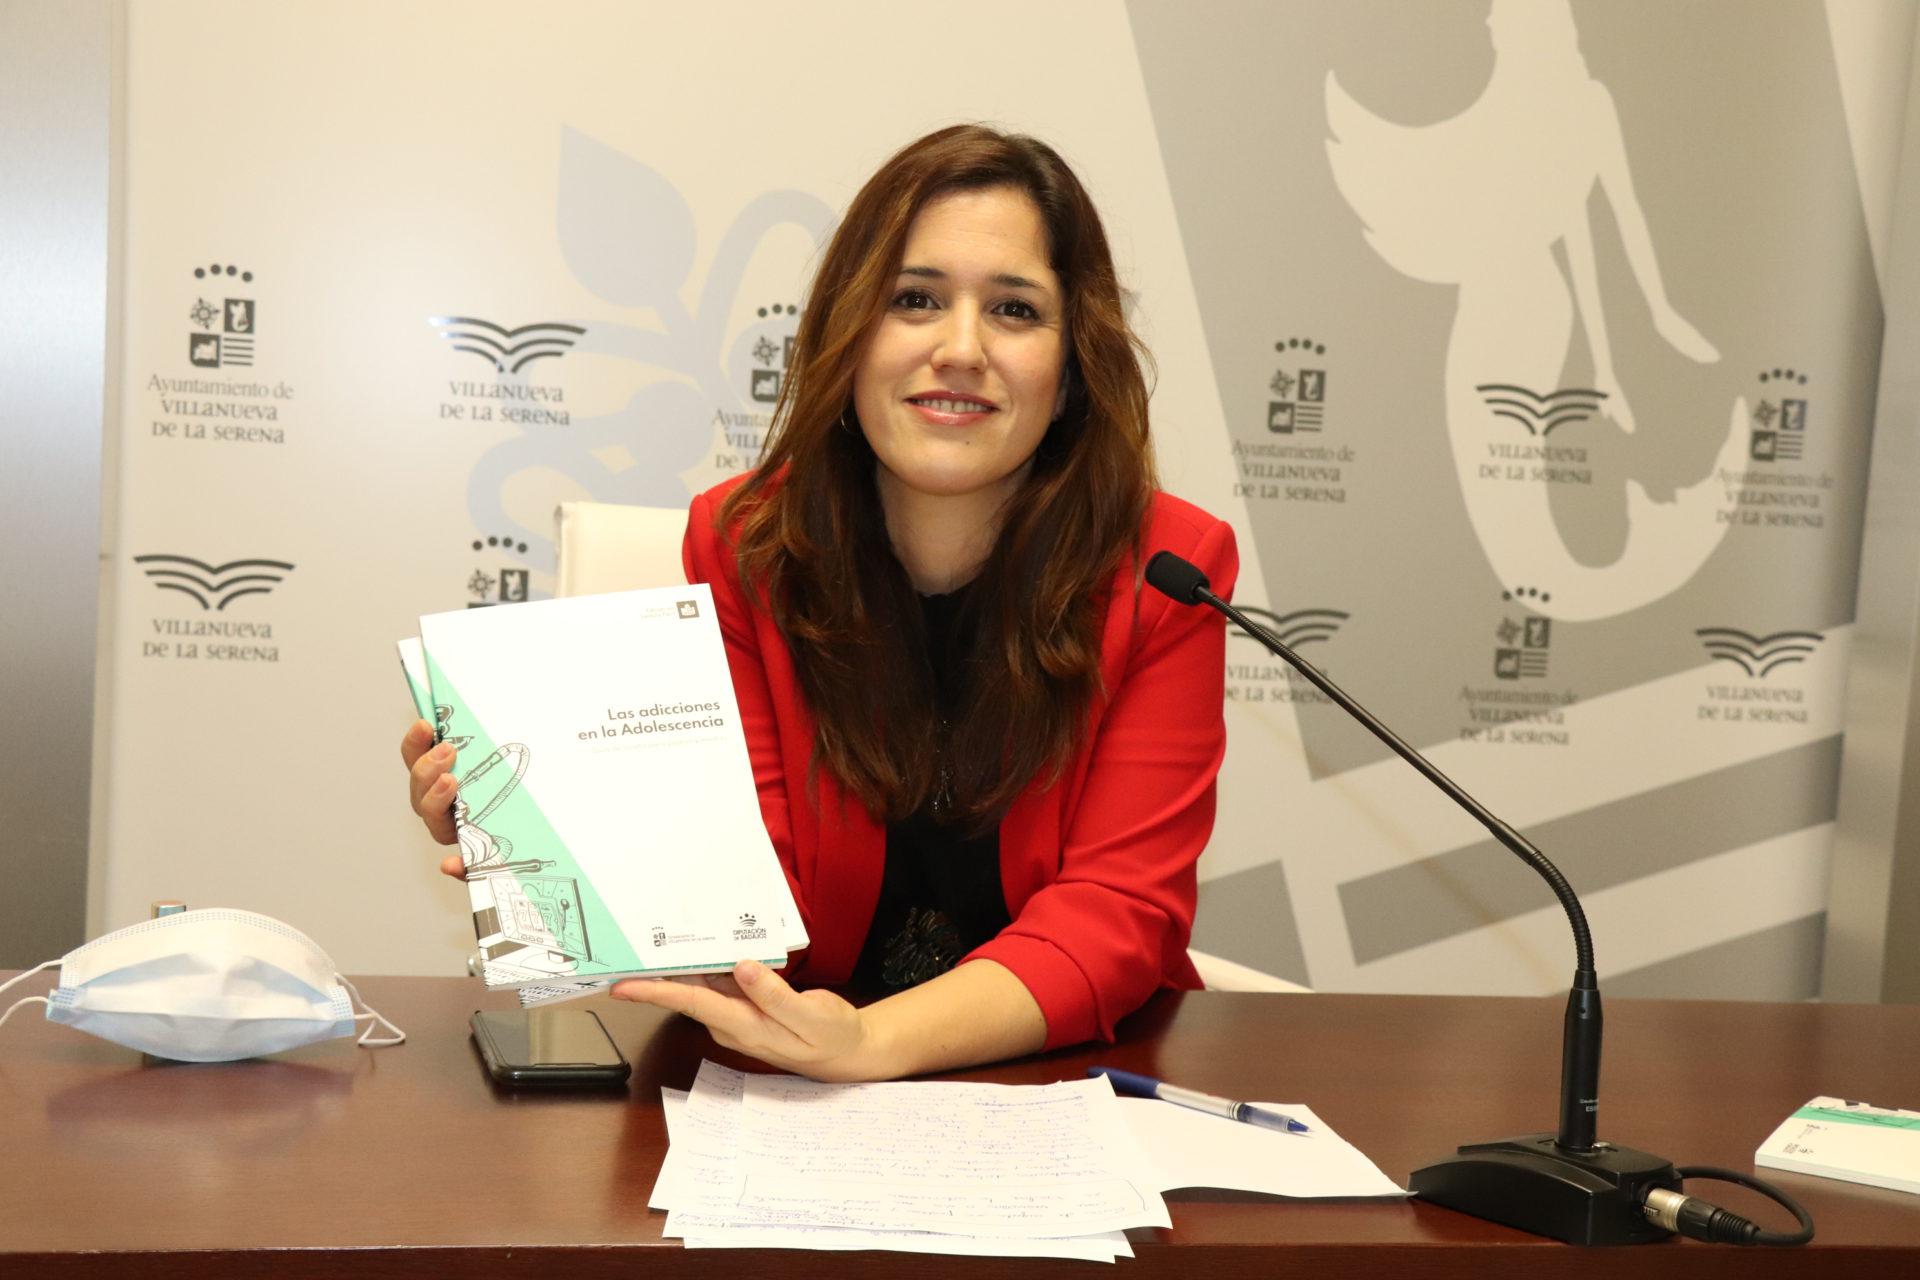 Se editan 350 ejemplares de una guía de ayuda para padres y madres sobre las adicciones en la adolescencia